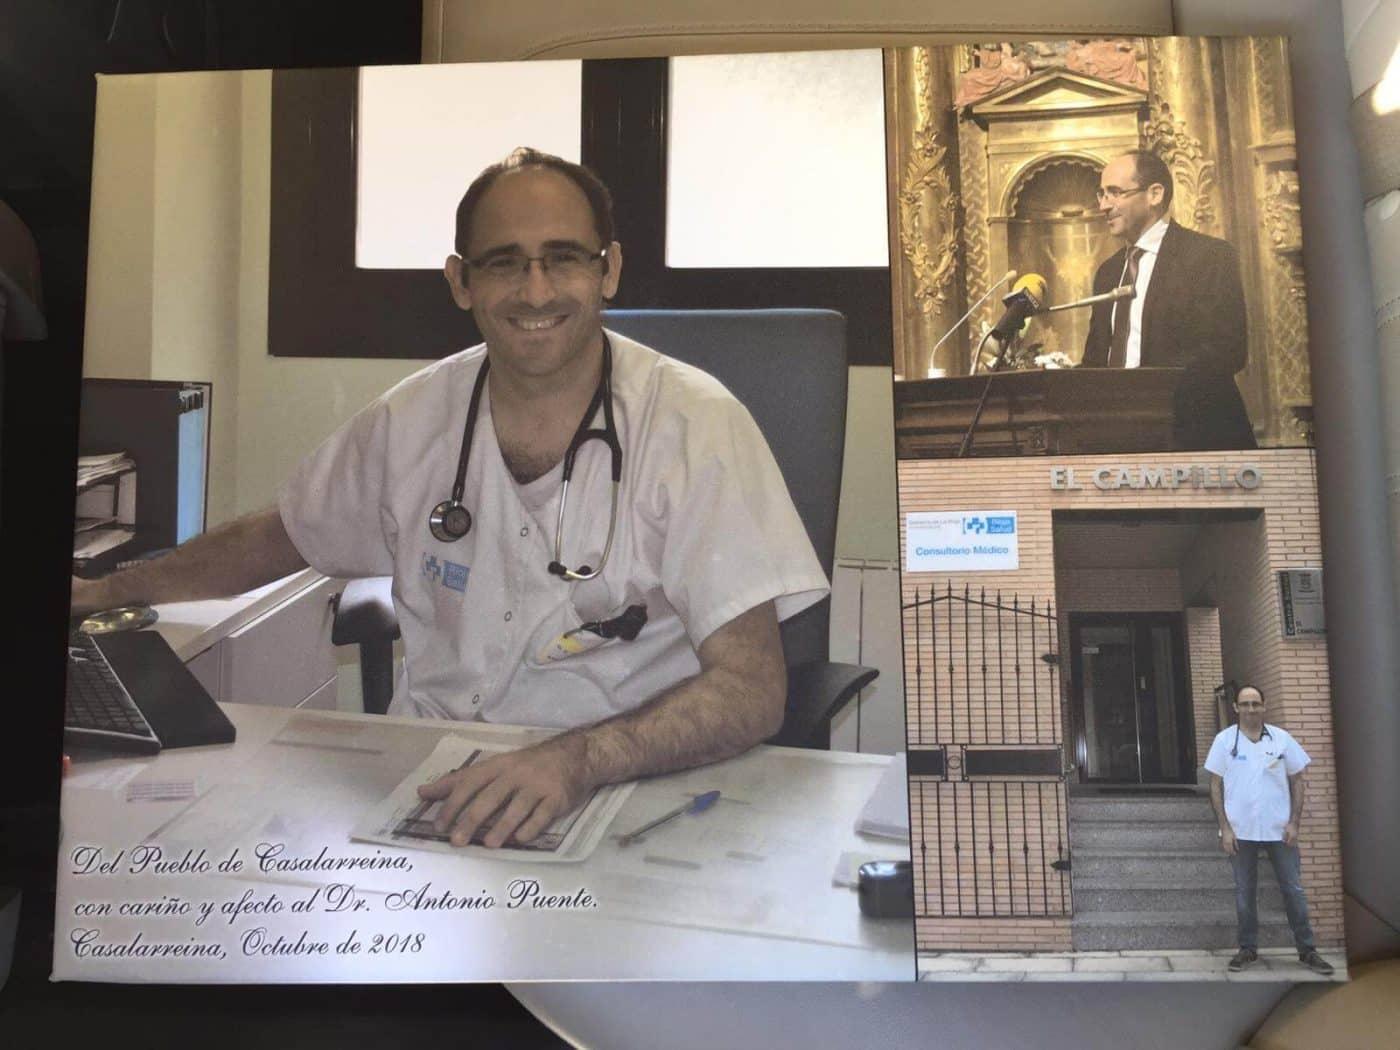 Casalarreina despide al doctor Puente, su médico de familia desde hace una década 3